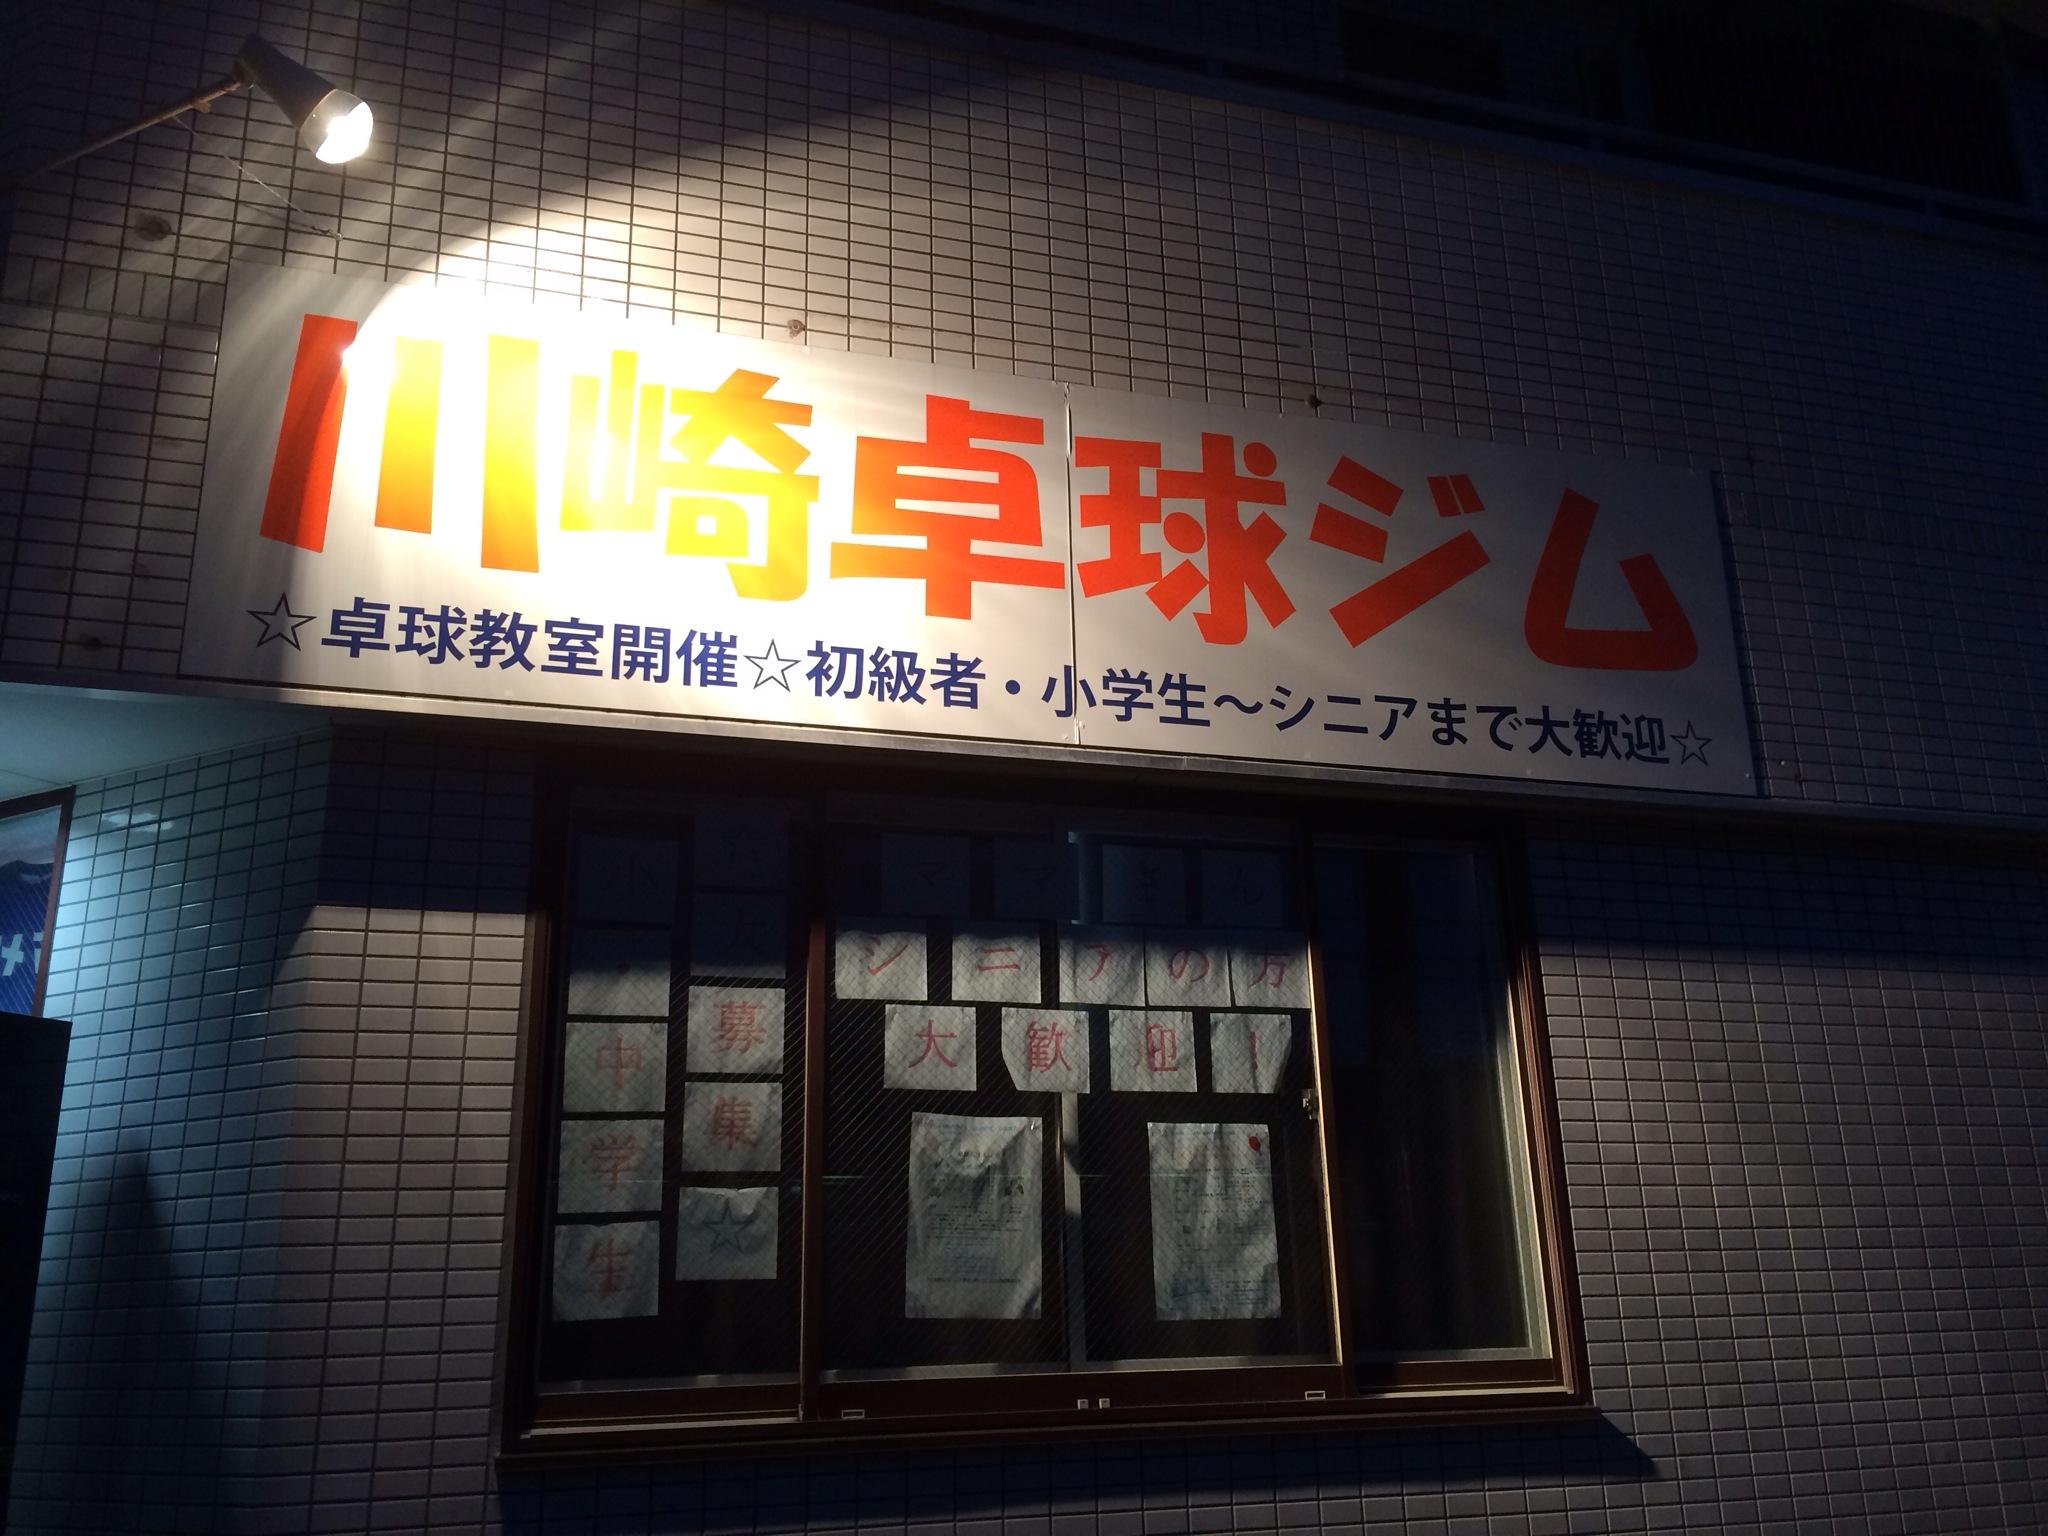 看板へのライト!結構明るいですヽ(^o^)丿